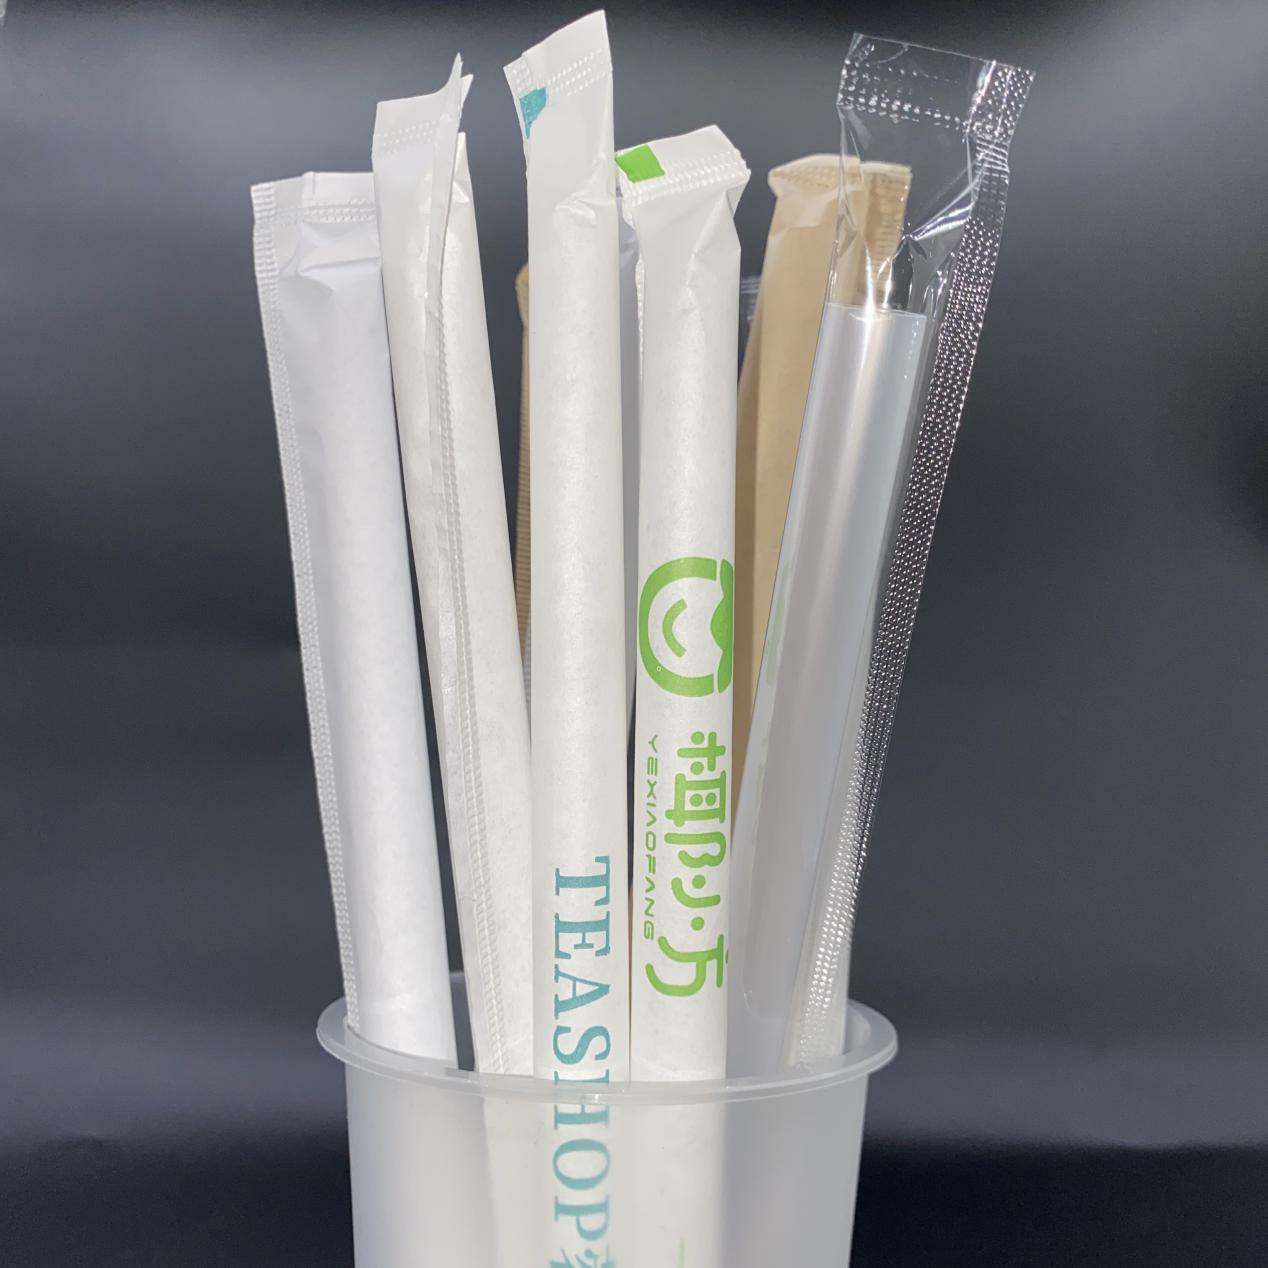 奶茶吸管厂家_奶茶吸管厂家直销相关-成都汇悦美塑料制品有限公司